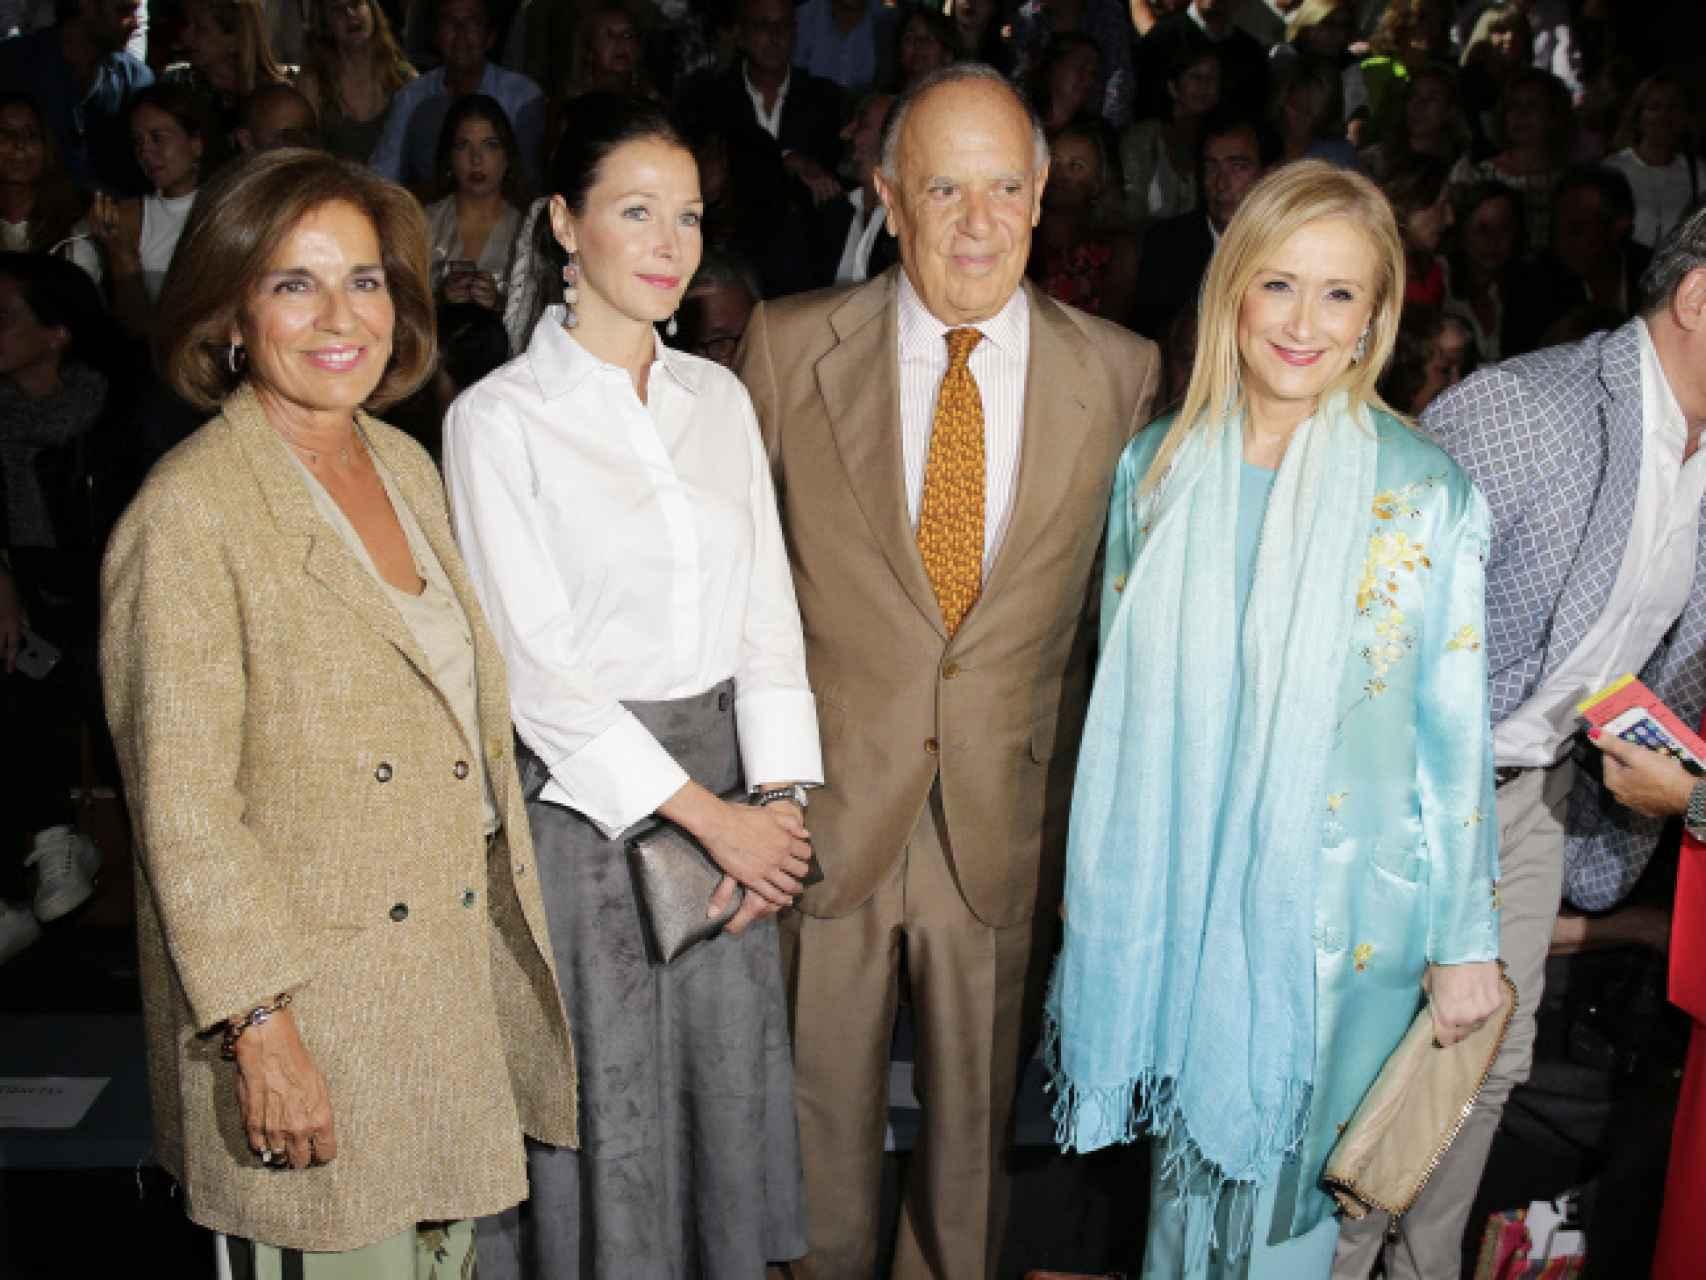 De izquierda a derecha: Ana Botella, Doña  Esther, Carlos Falco y Cristina Cifuentes en primera línea del desfile.